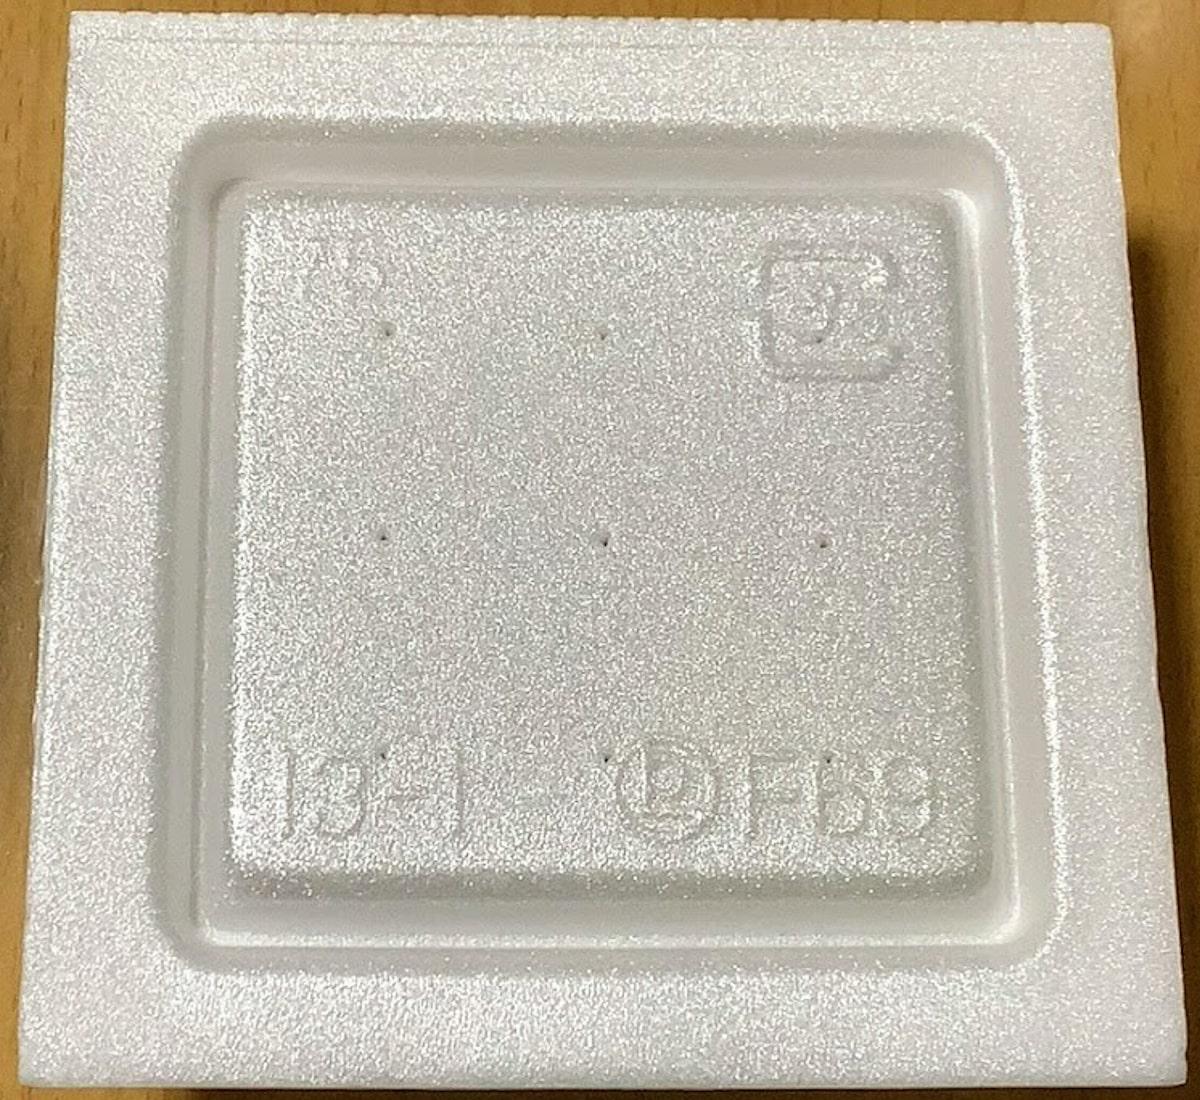 「うまか納豆九州もん」の容器の画像